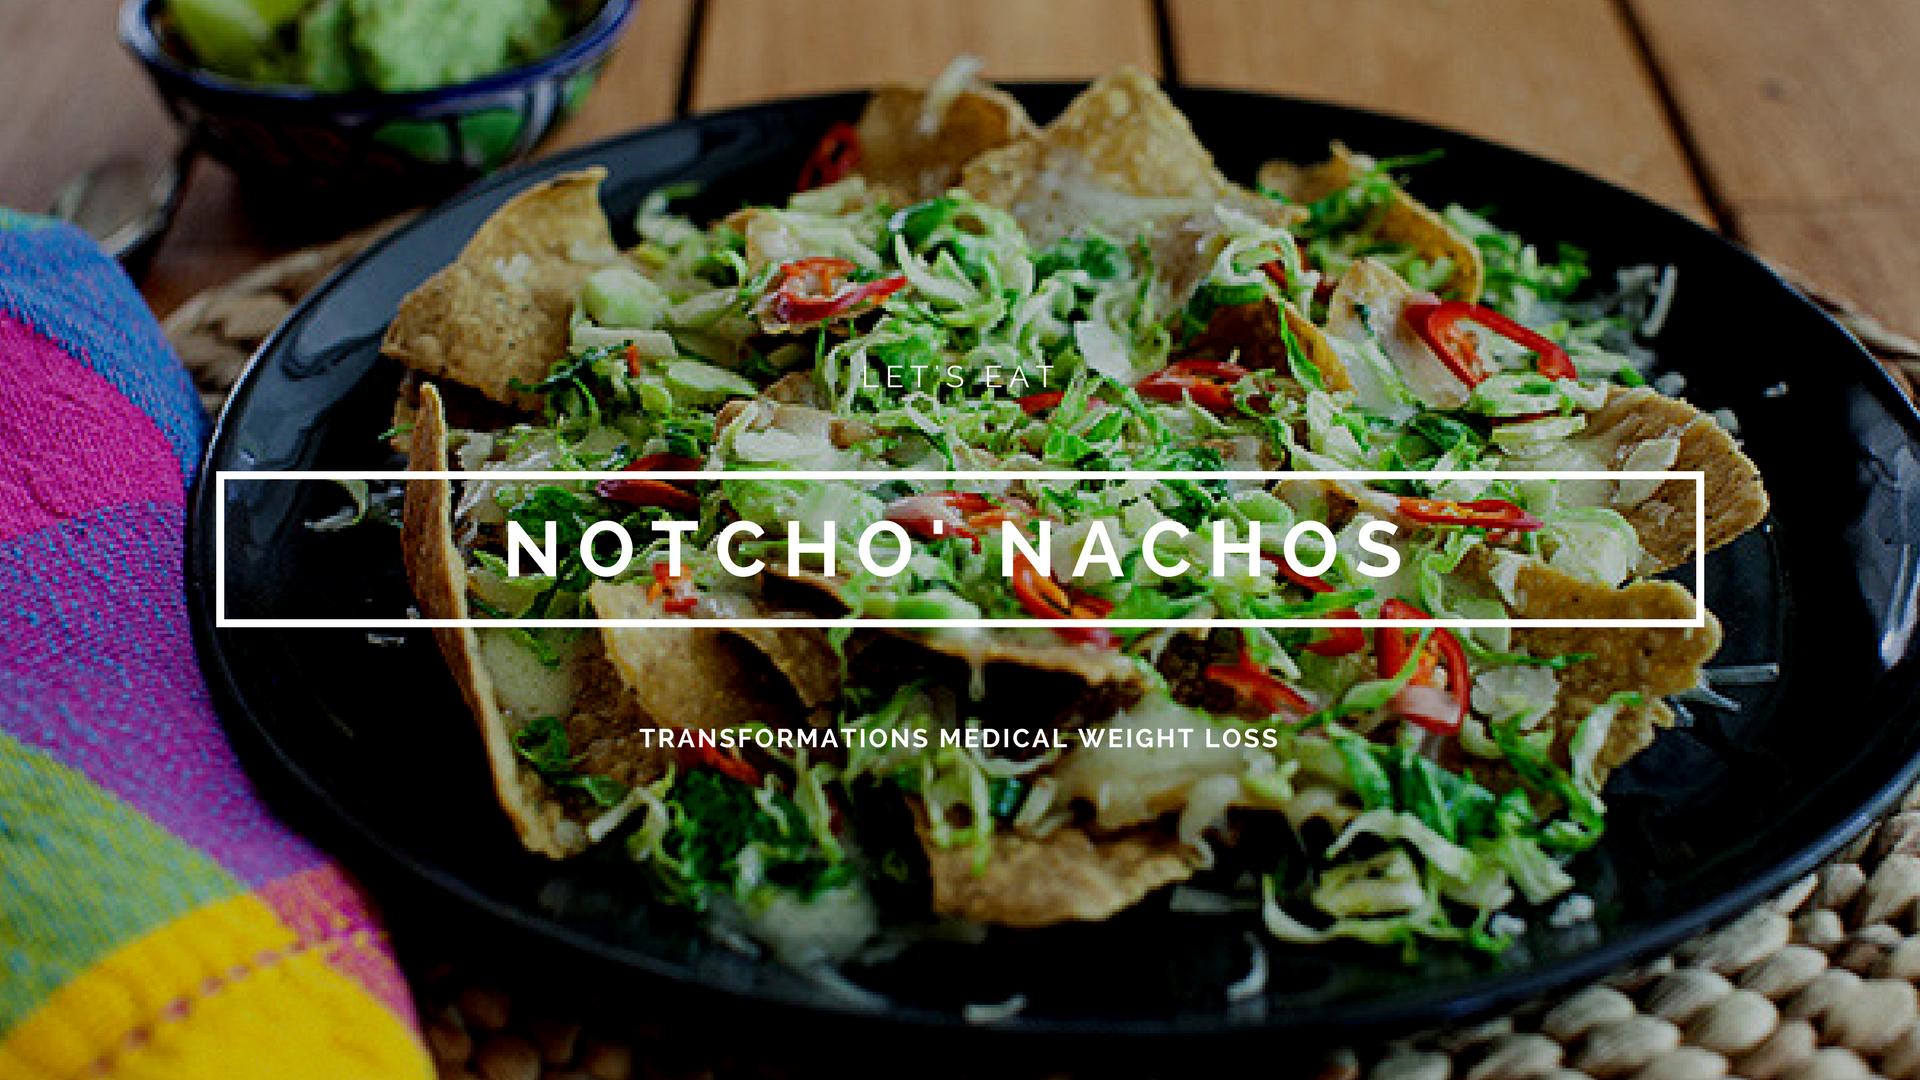 Notcho' Nachos